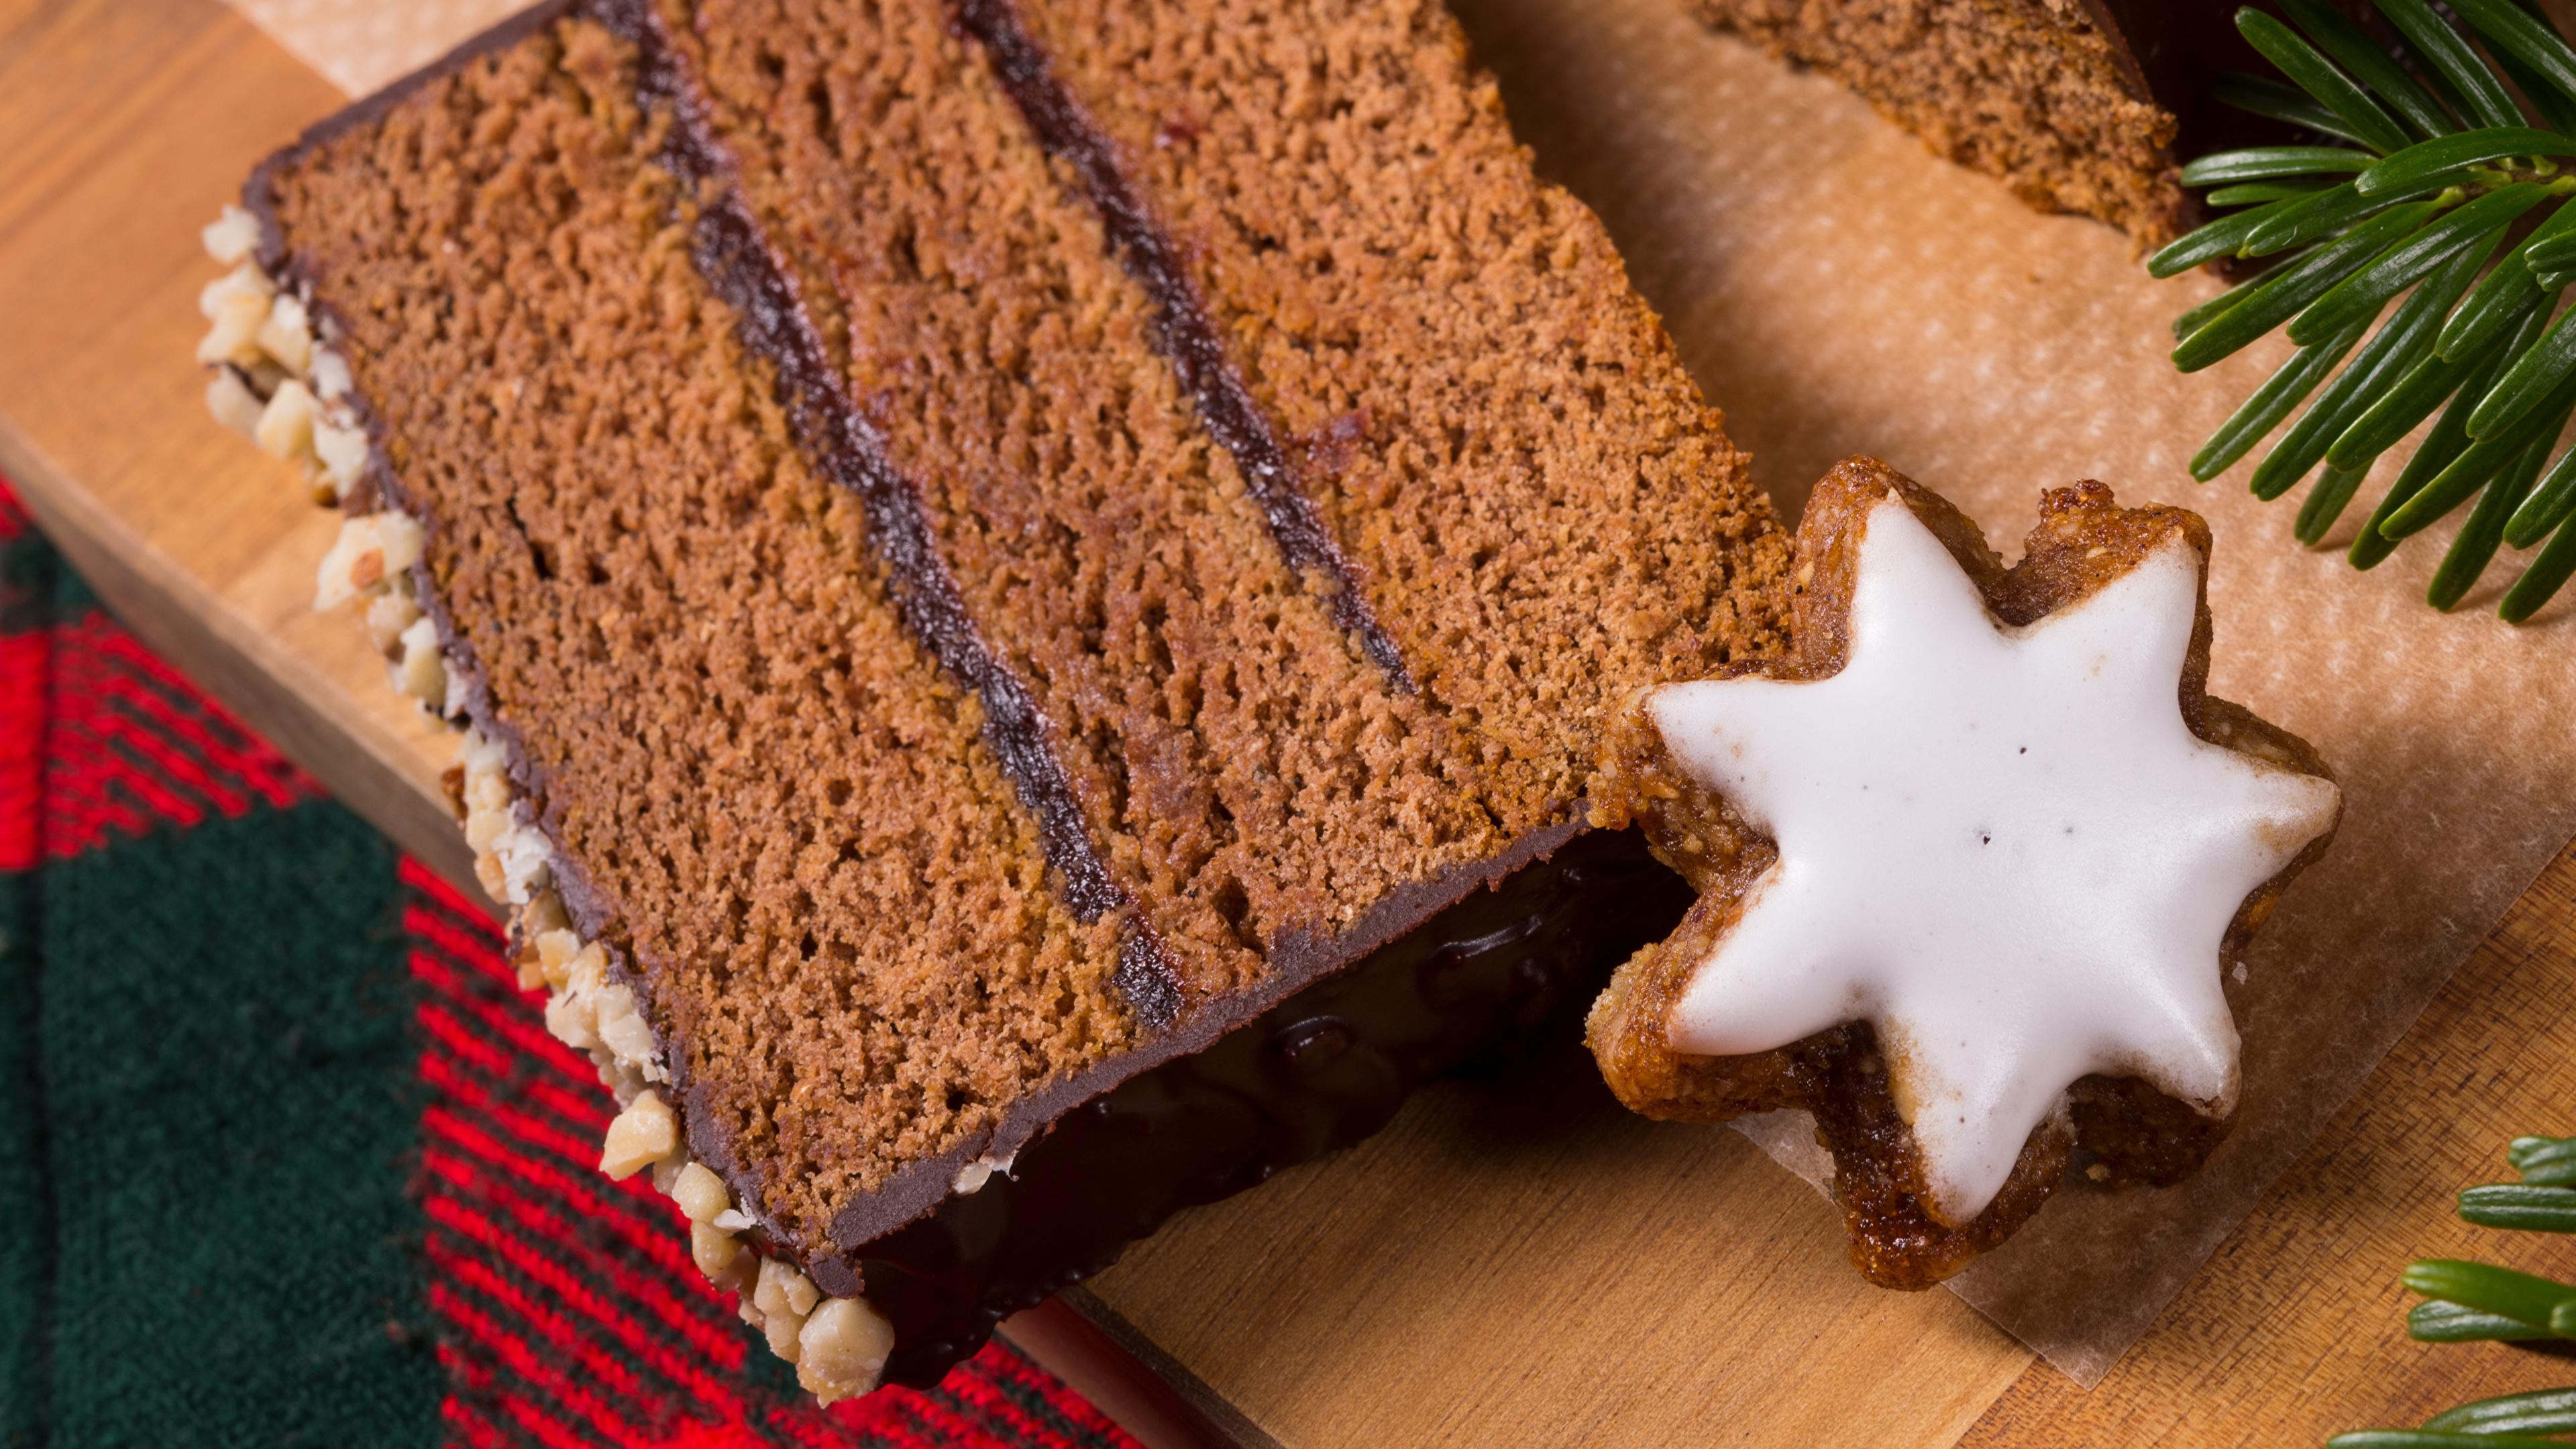 Картинка Новый год Шоколад Торты Кусок Пища Печенье Выпечка 3840x2160 Рождество часть кусочки кусочек Еда Продукты питания